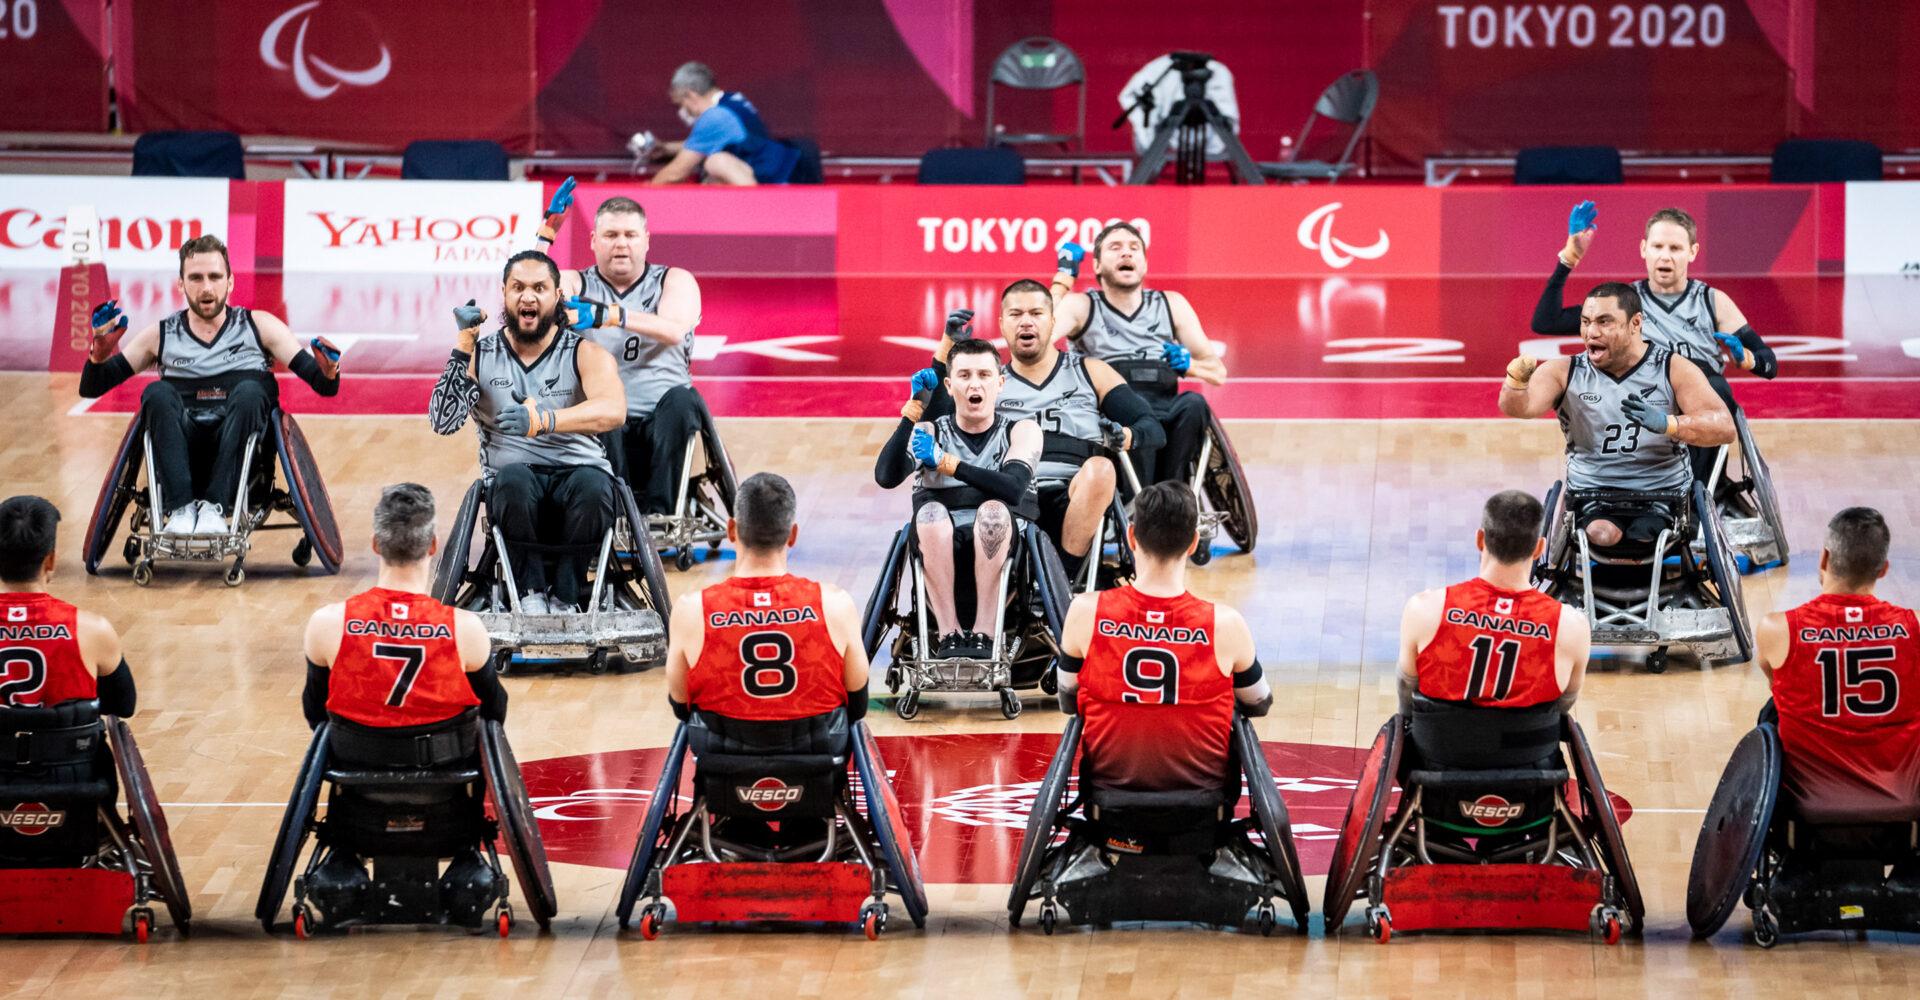 Le Canada bat la Nouvelle-Zélande 51-36 et obtient sa première victoire dans le tournoi